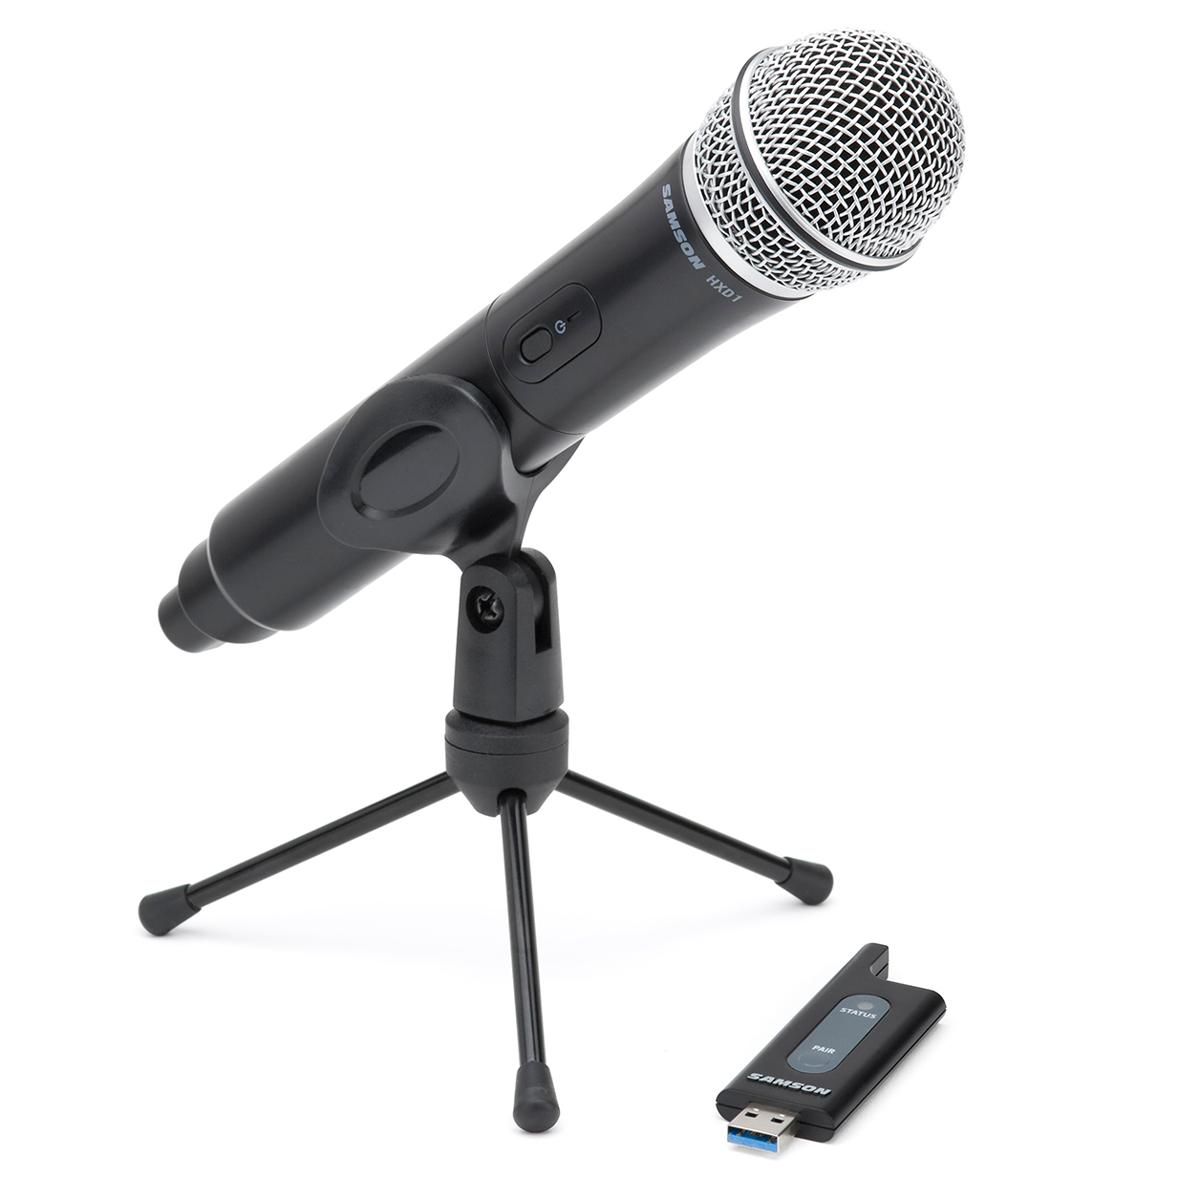 Billede af Samson Stage-X1U trådløsUSBhåndholdtmikrofon